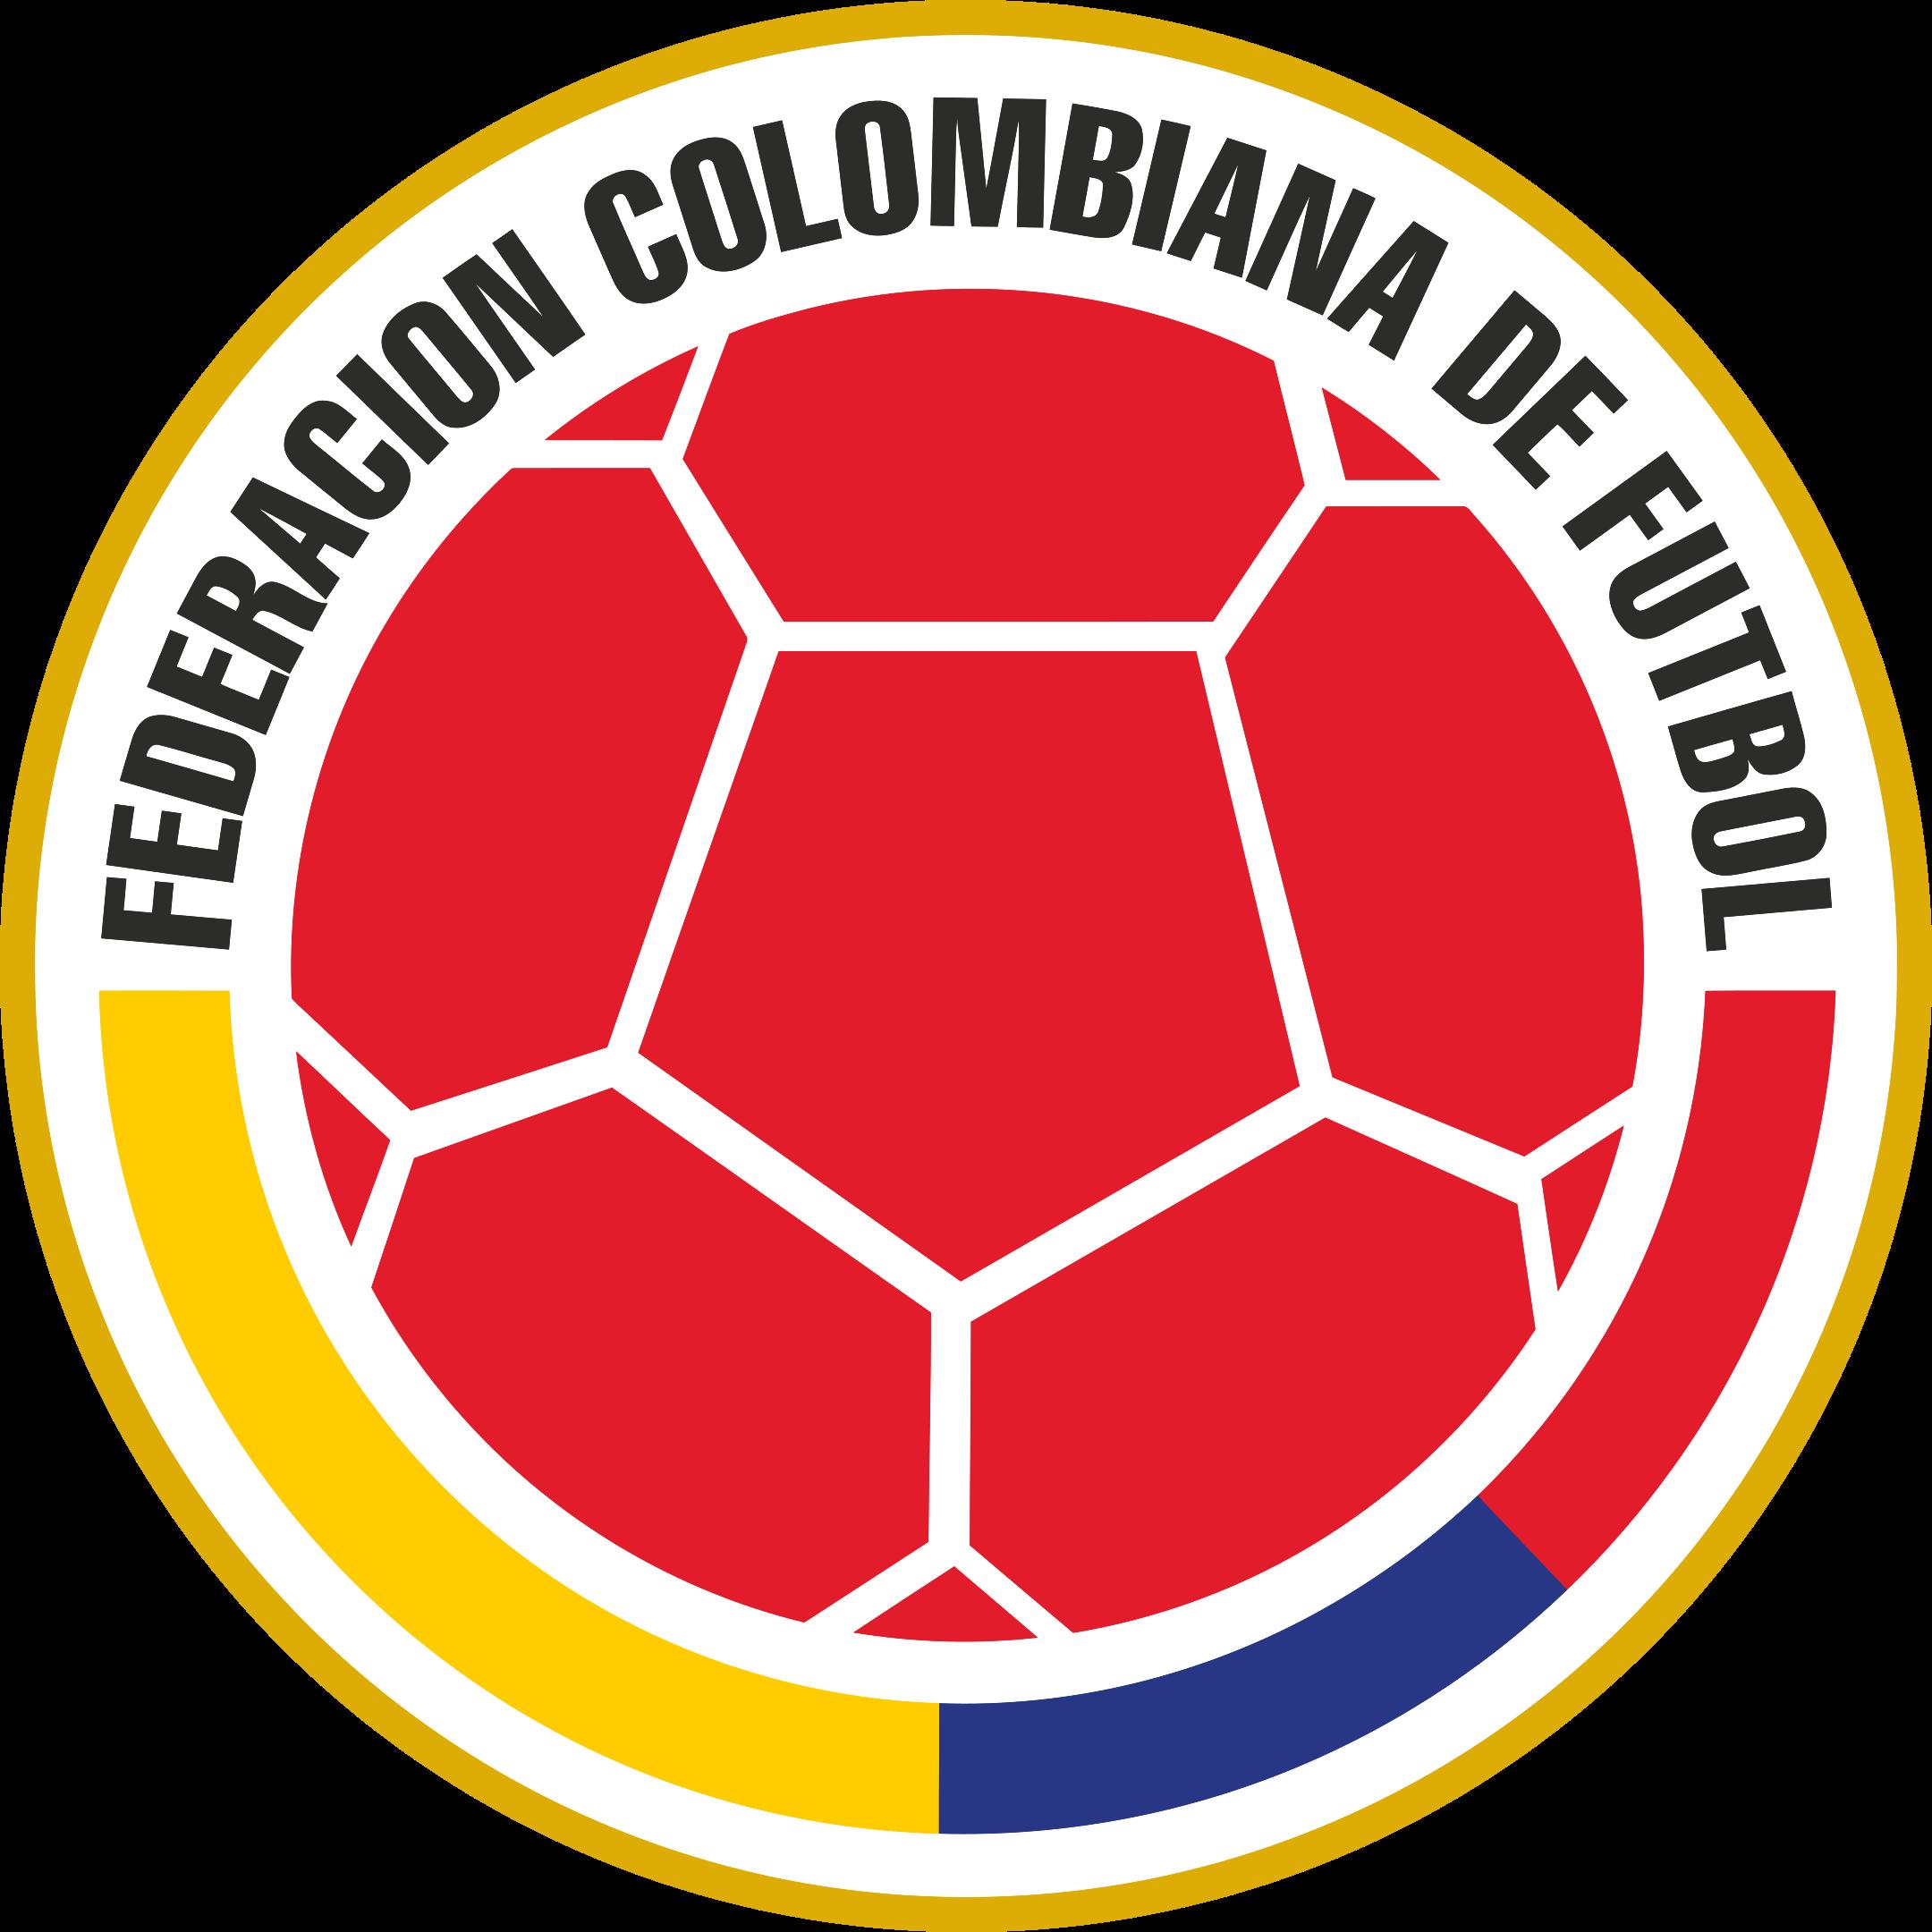 fcf seleccion de fútbol de colombia logo 1 - FCF Logo - Colombia National Football Team Logo